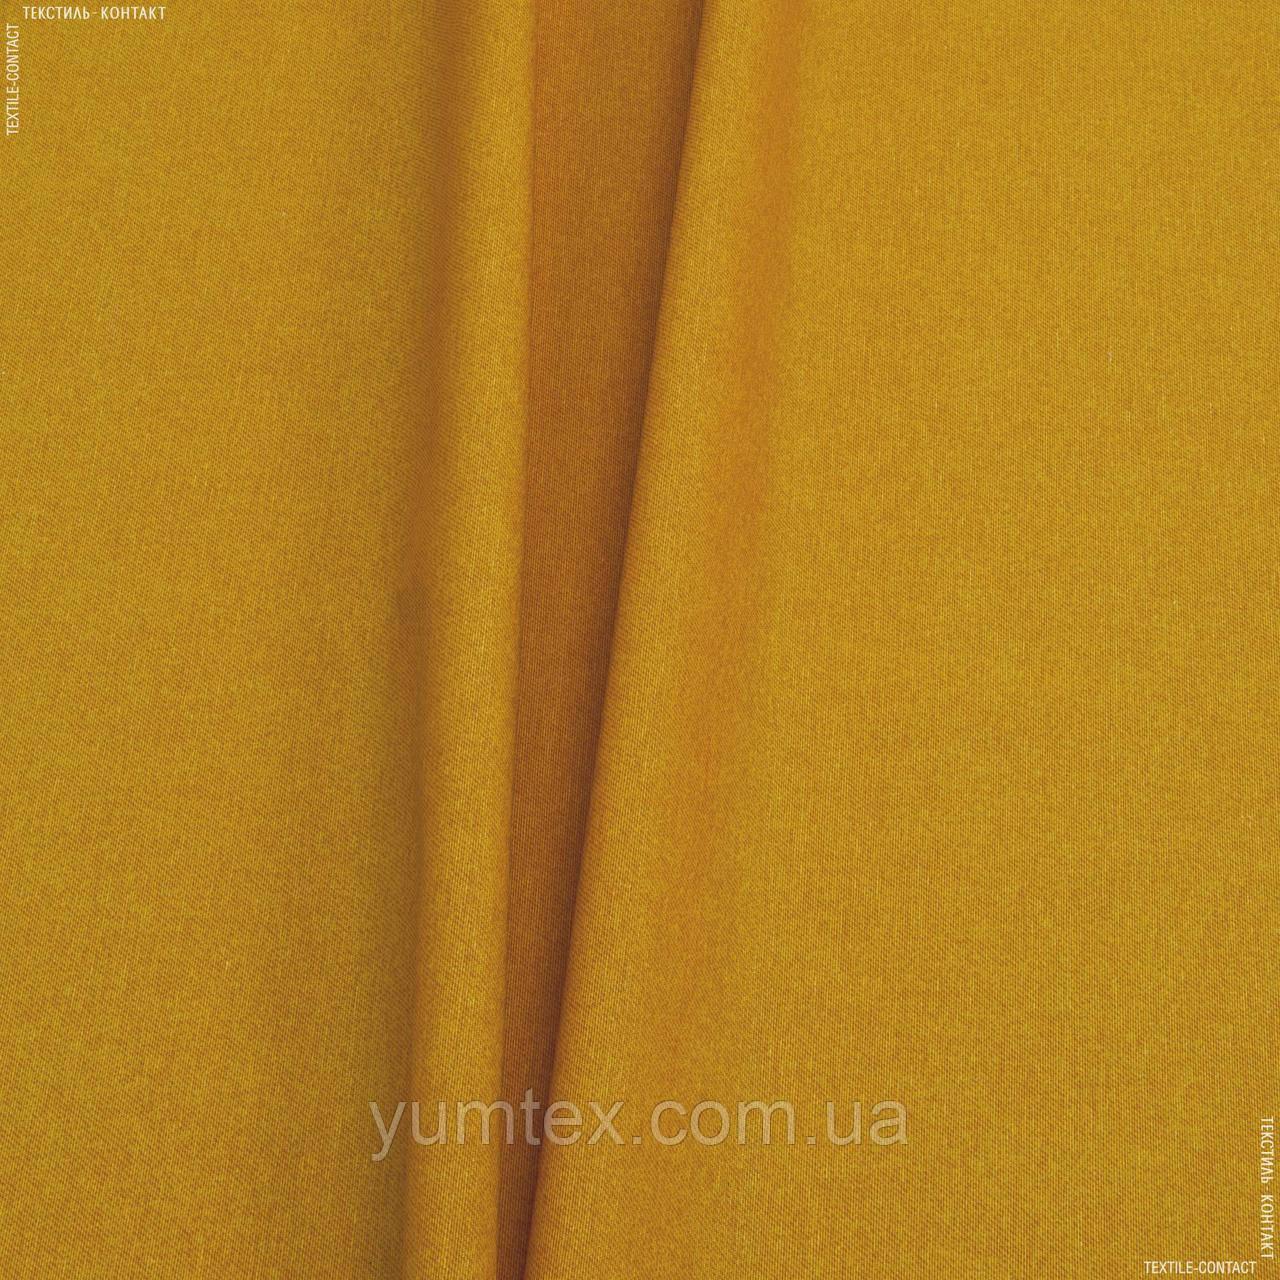 Ткань с акриловой пропиткой дали dali eden 130563